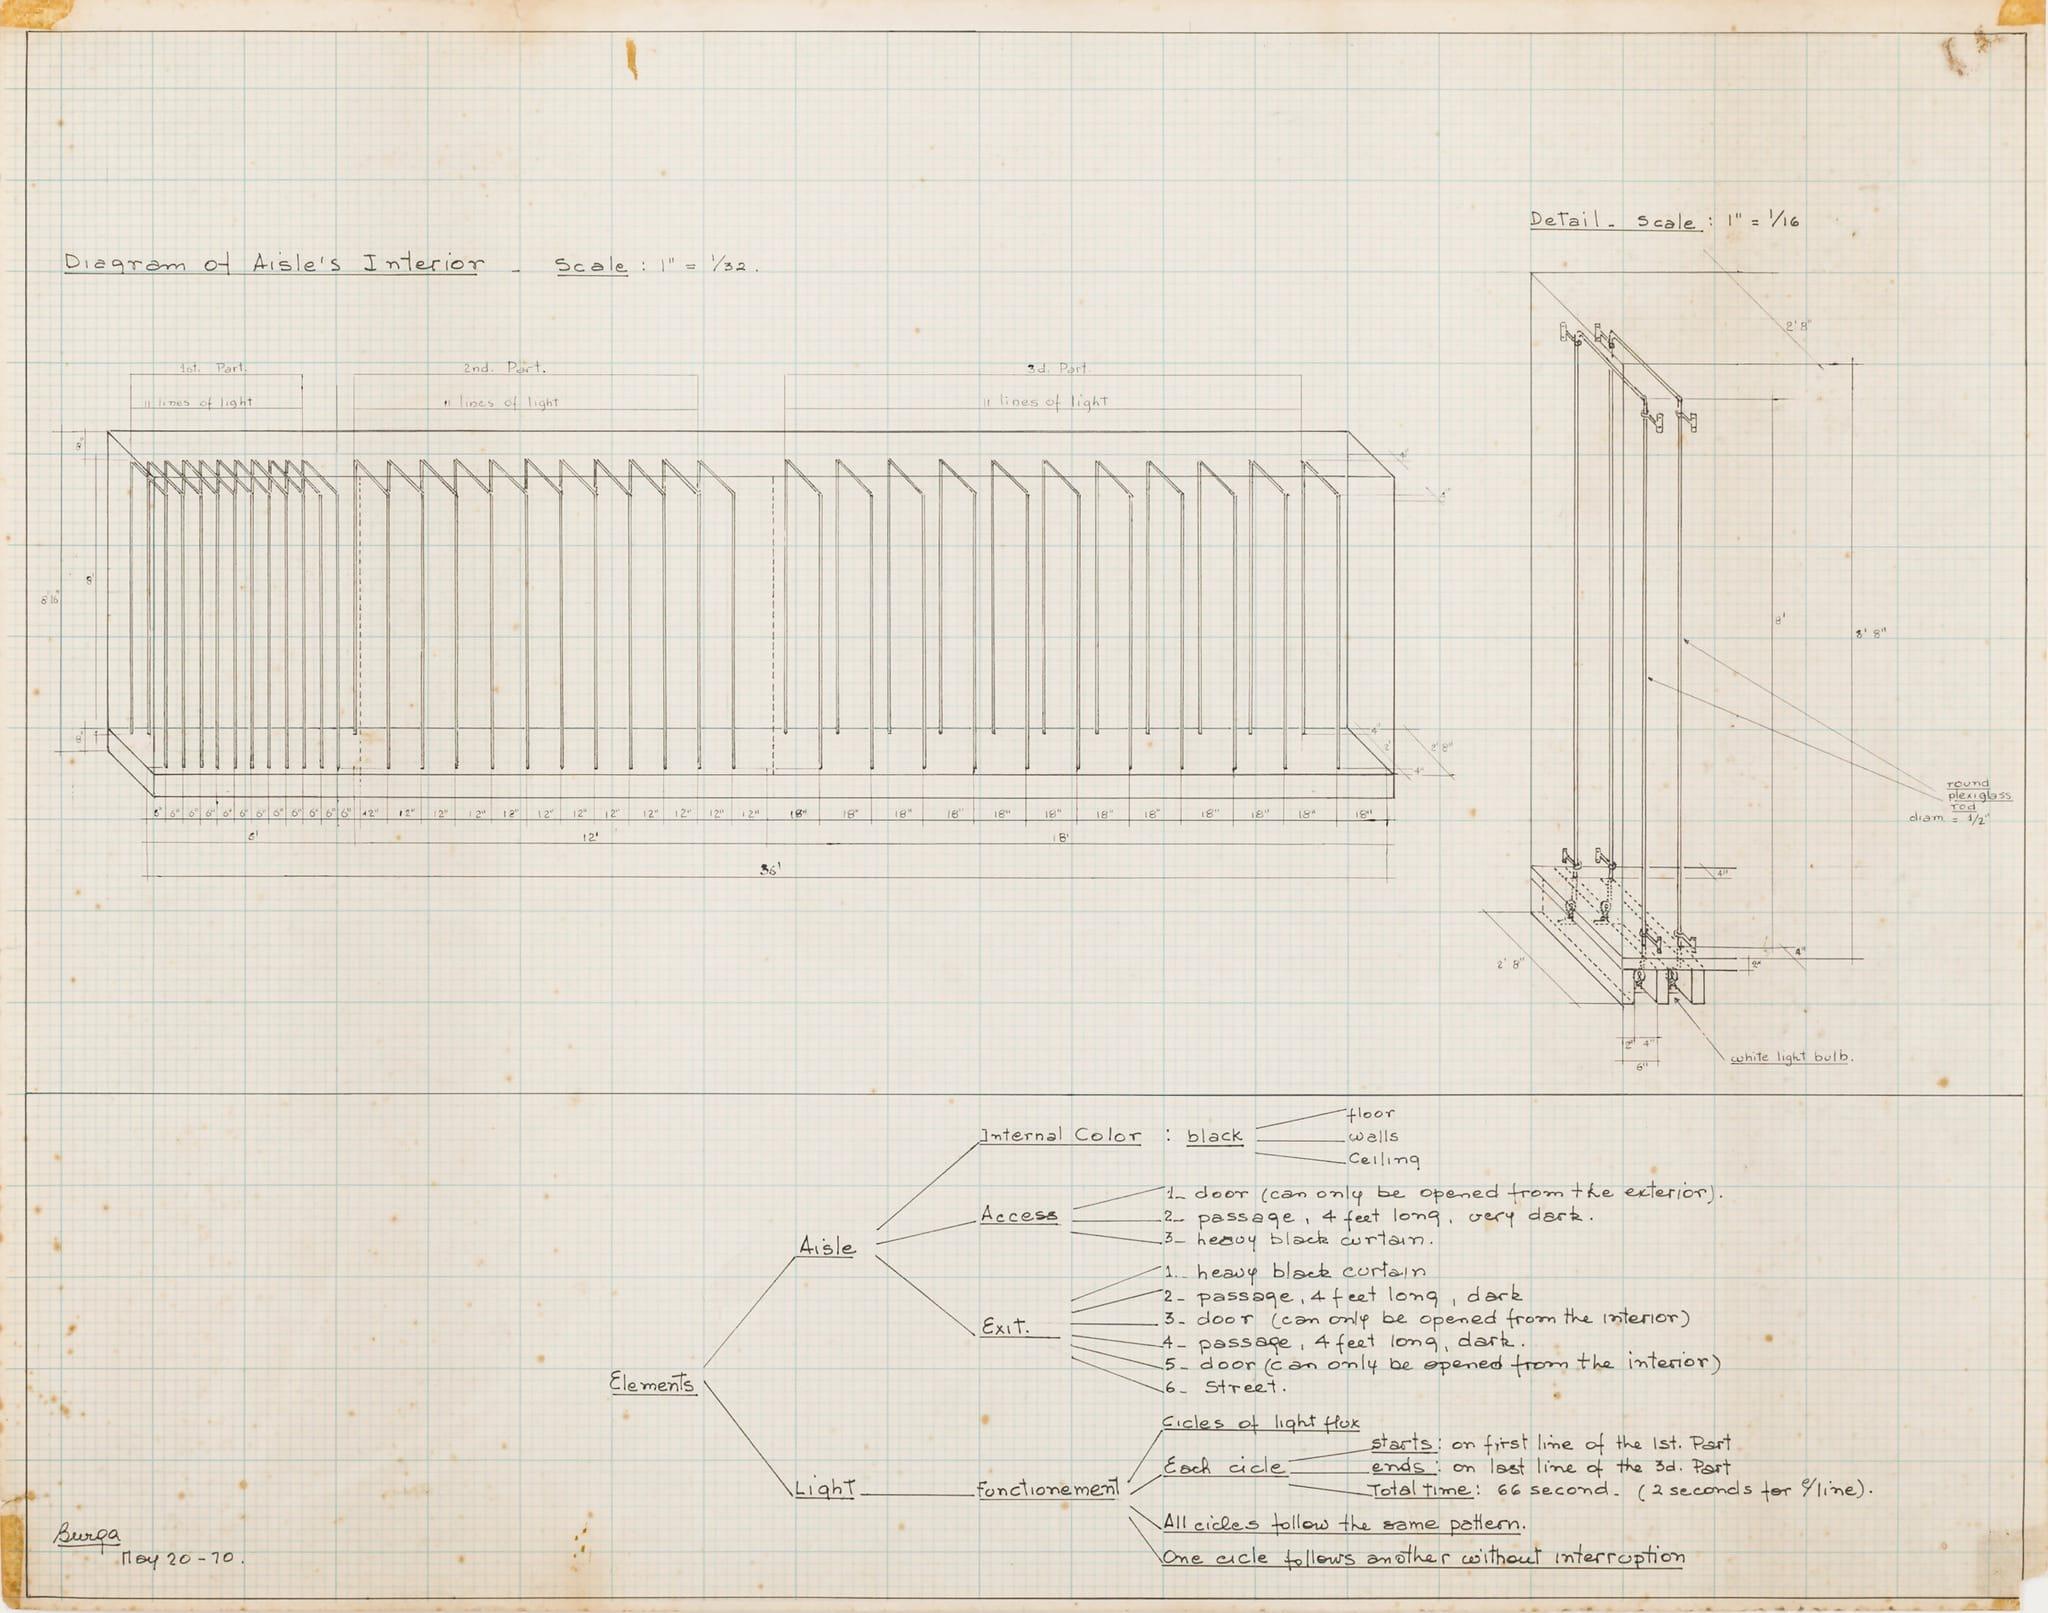 Diagram of Aisle Interior by Teresa Burga